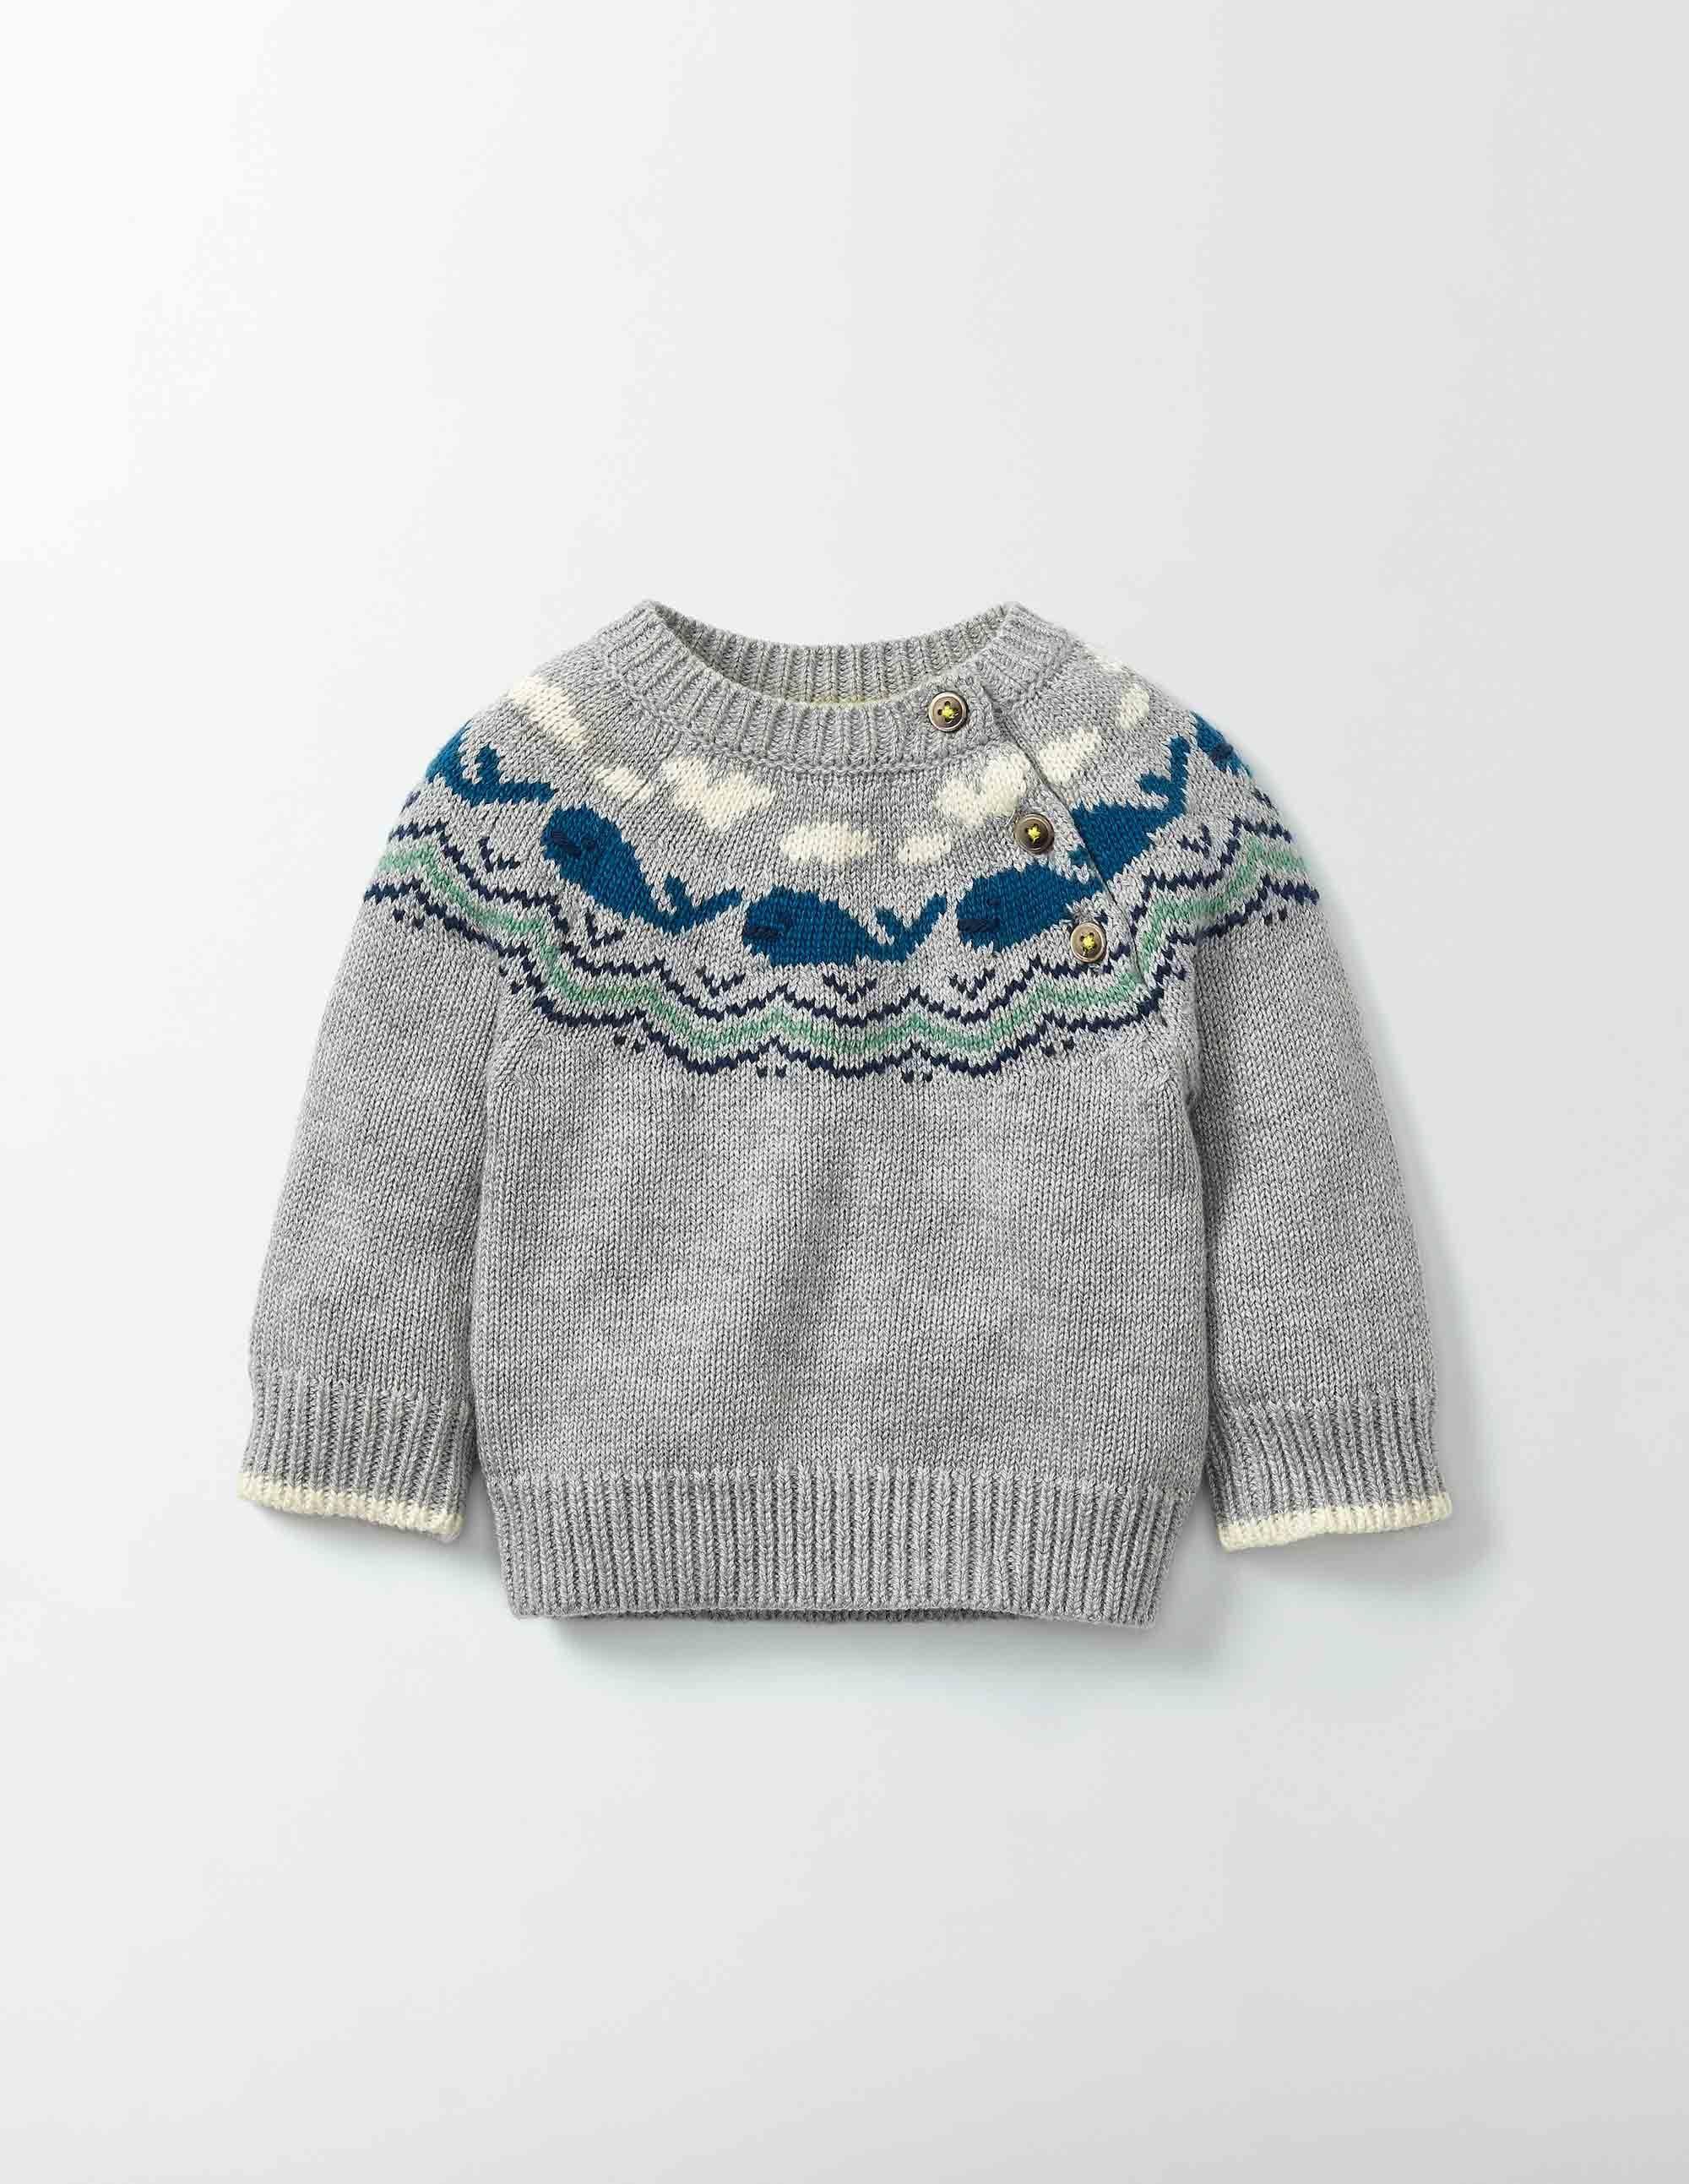 Strickpullover mit Walen | Baby pullover stricken ...